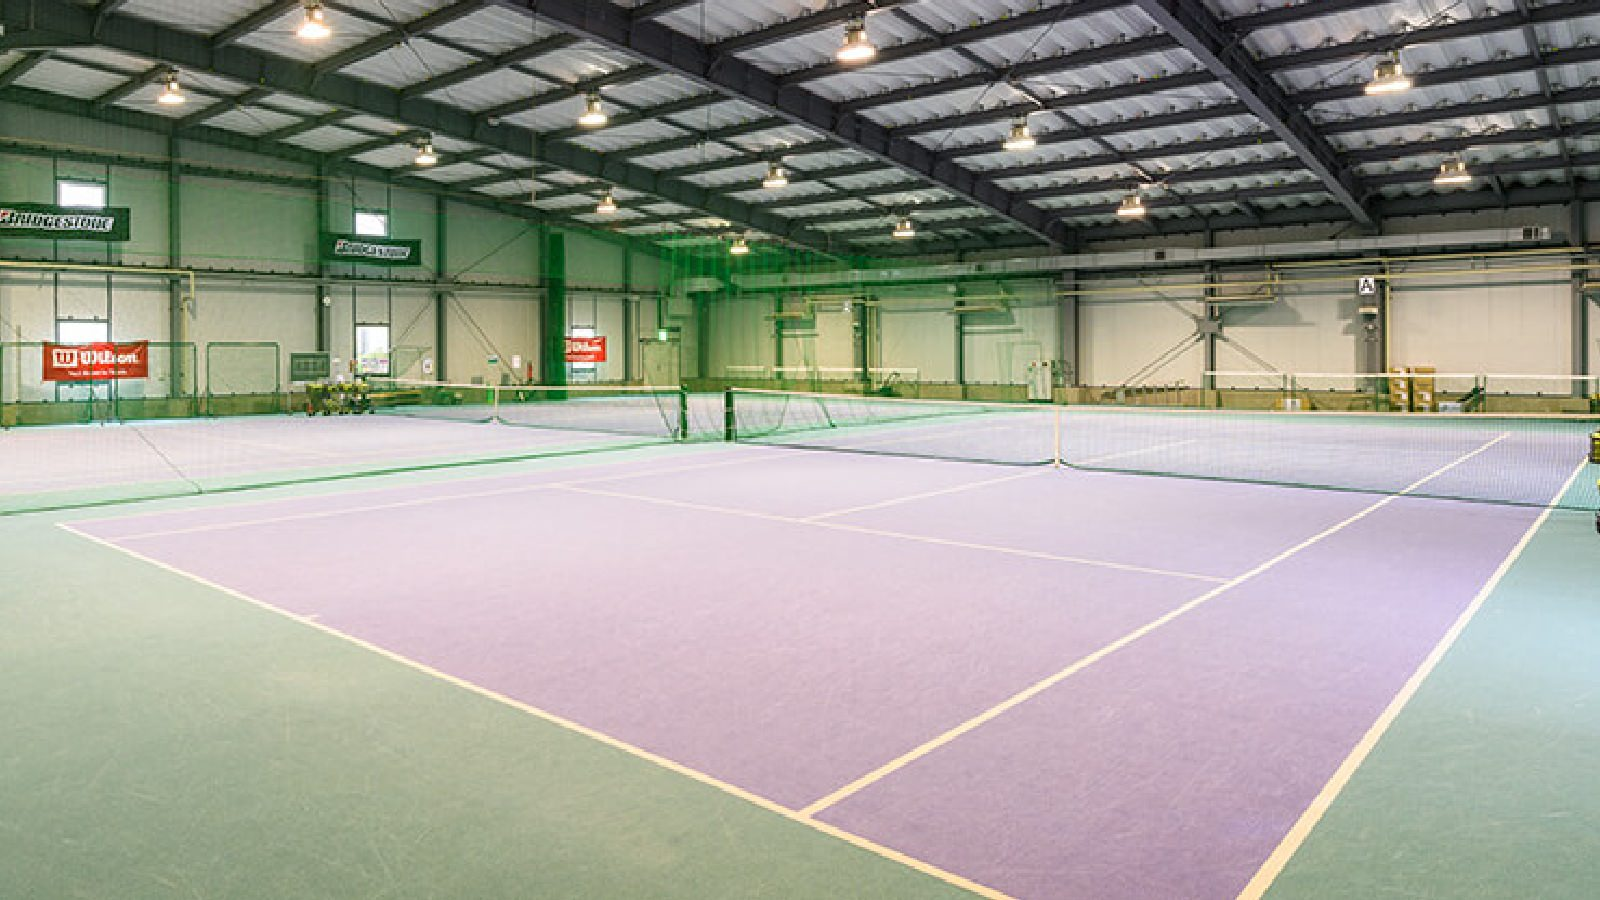 浜松市野店のテニスコート